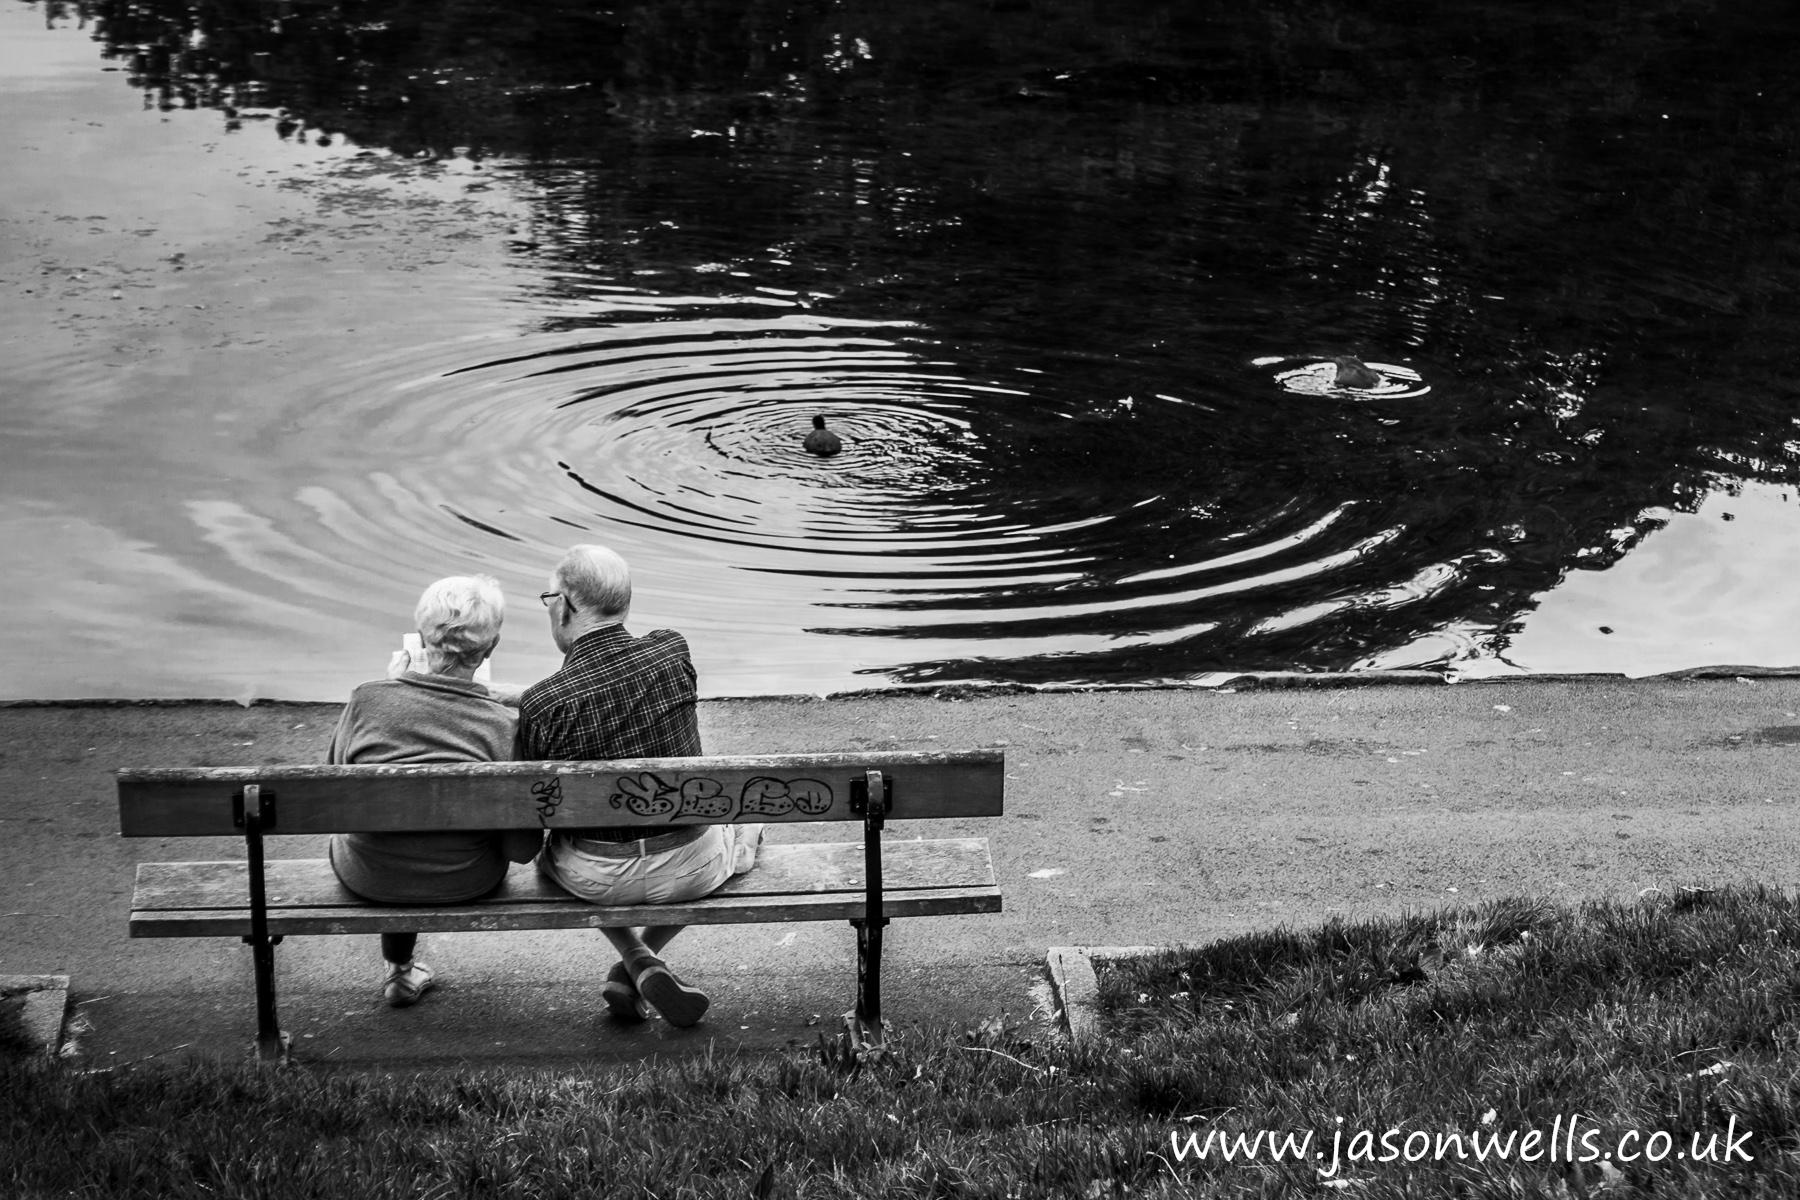 Fondos de pantalla monocromo lago agua reflexi n - Fotos de parejas en blanco y negro ...